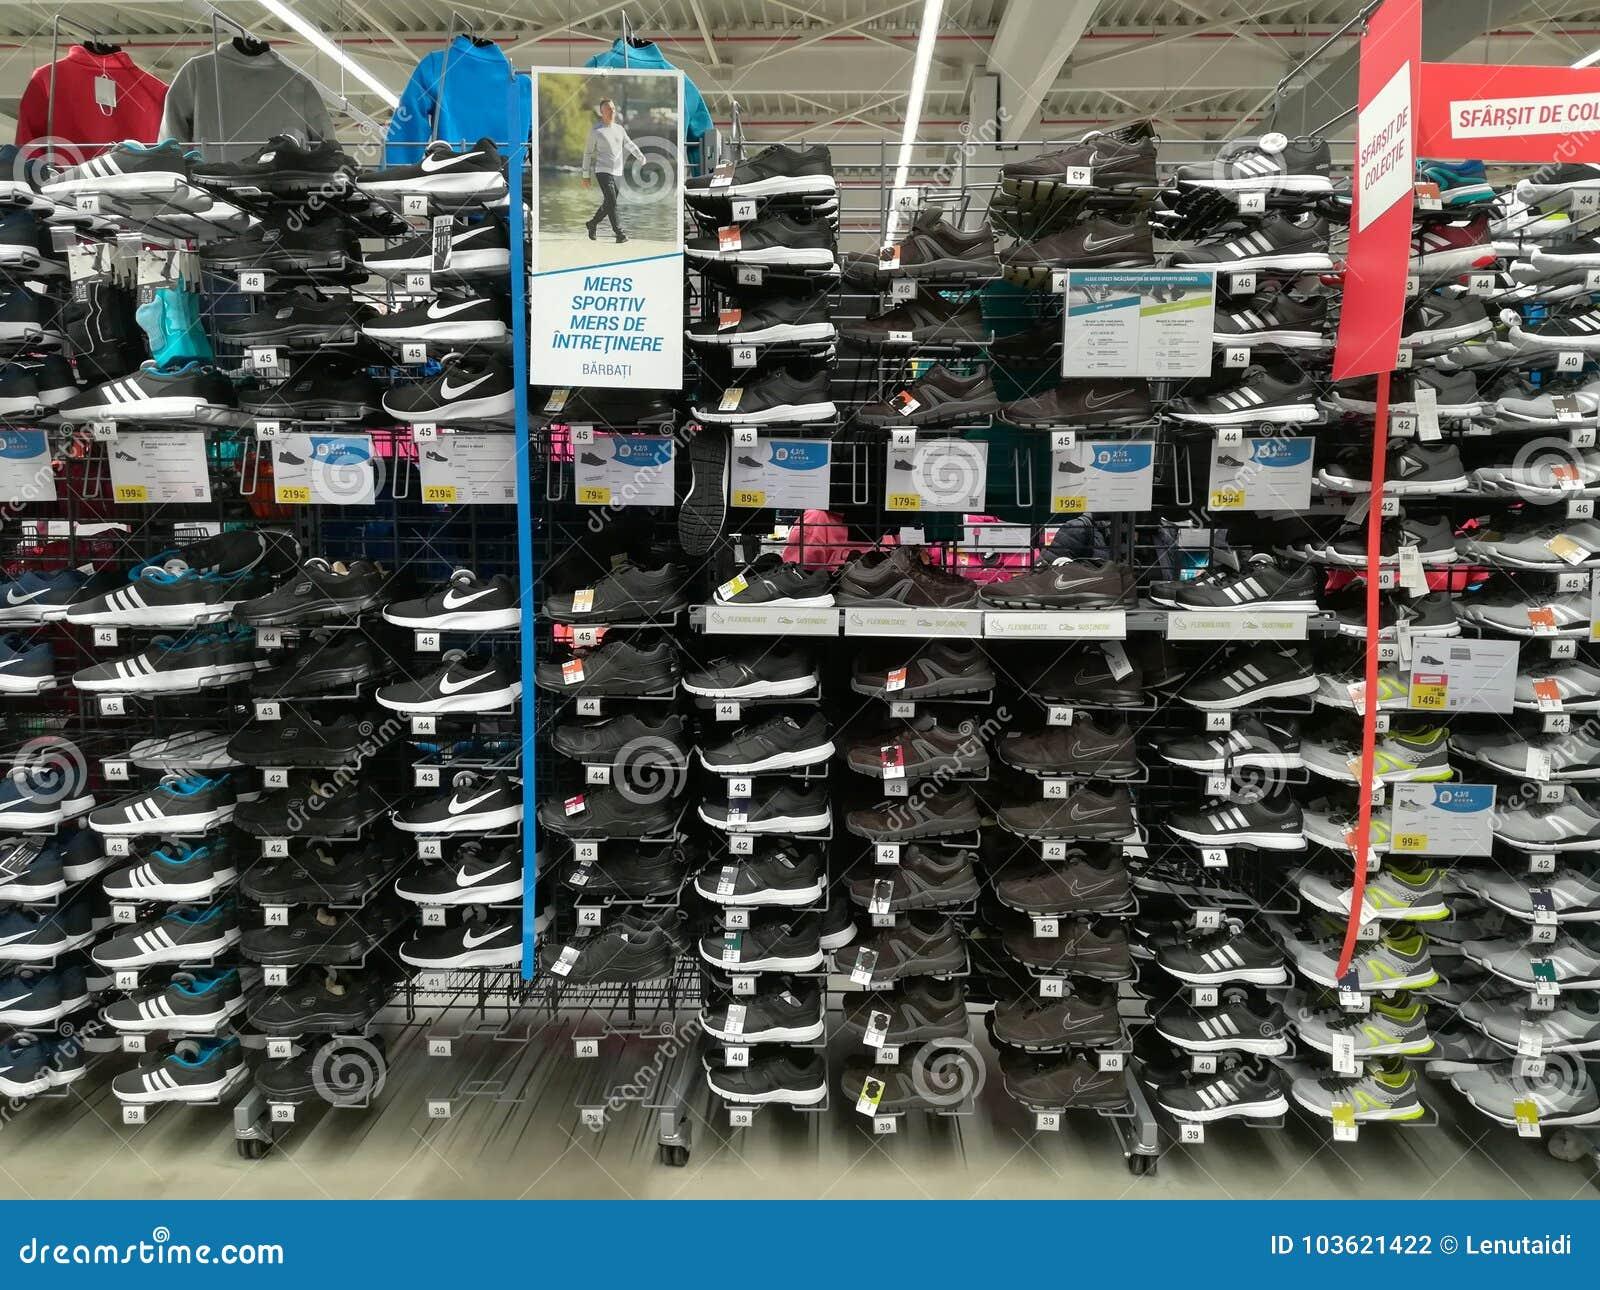 e8a464834a5 Αθλητικά παπούτσια για τα άτομα στο κατάστημα Εκδοτική Φωτογραφία ...